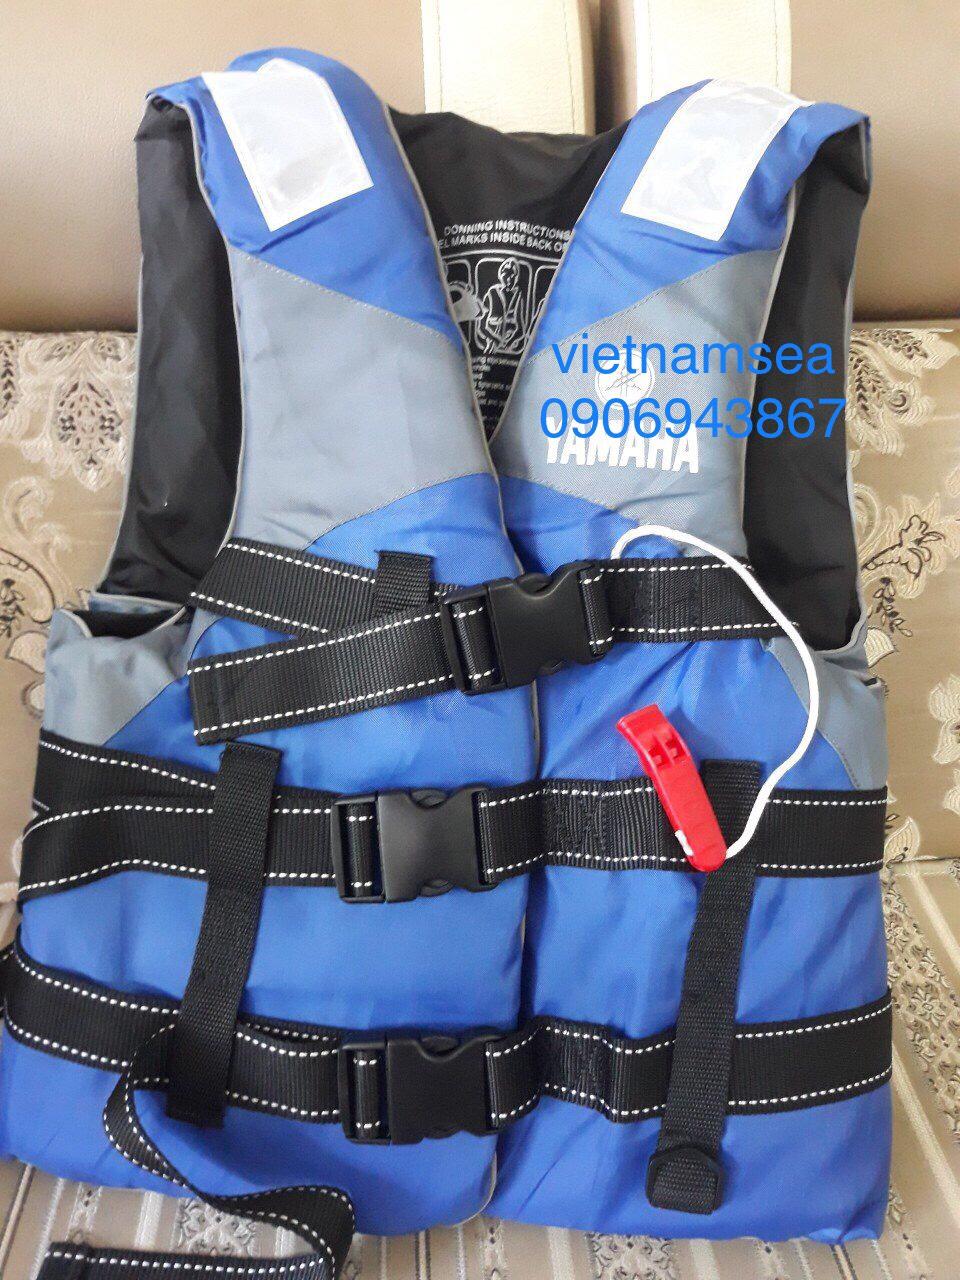 Cung cấp các dịch vụ áo phao bơi Yamaha màu xanh ở Tỉnh Quảng Bình